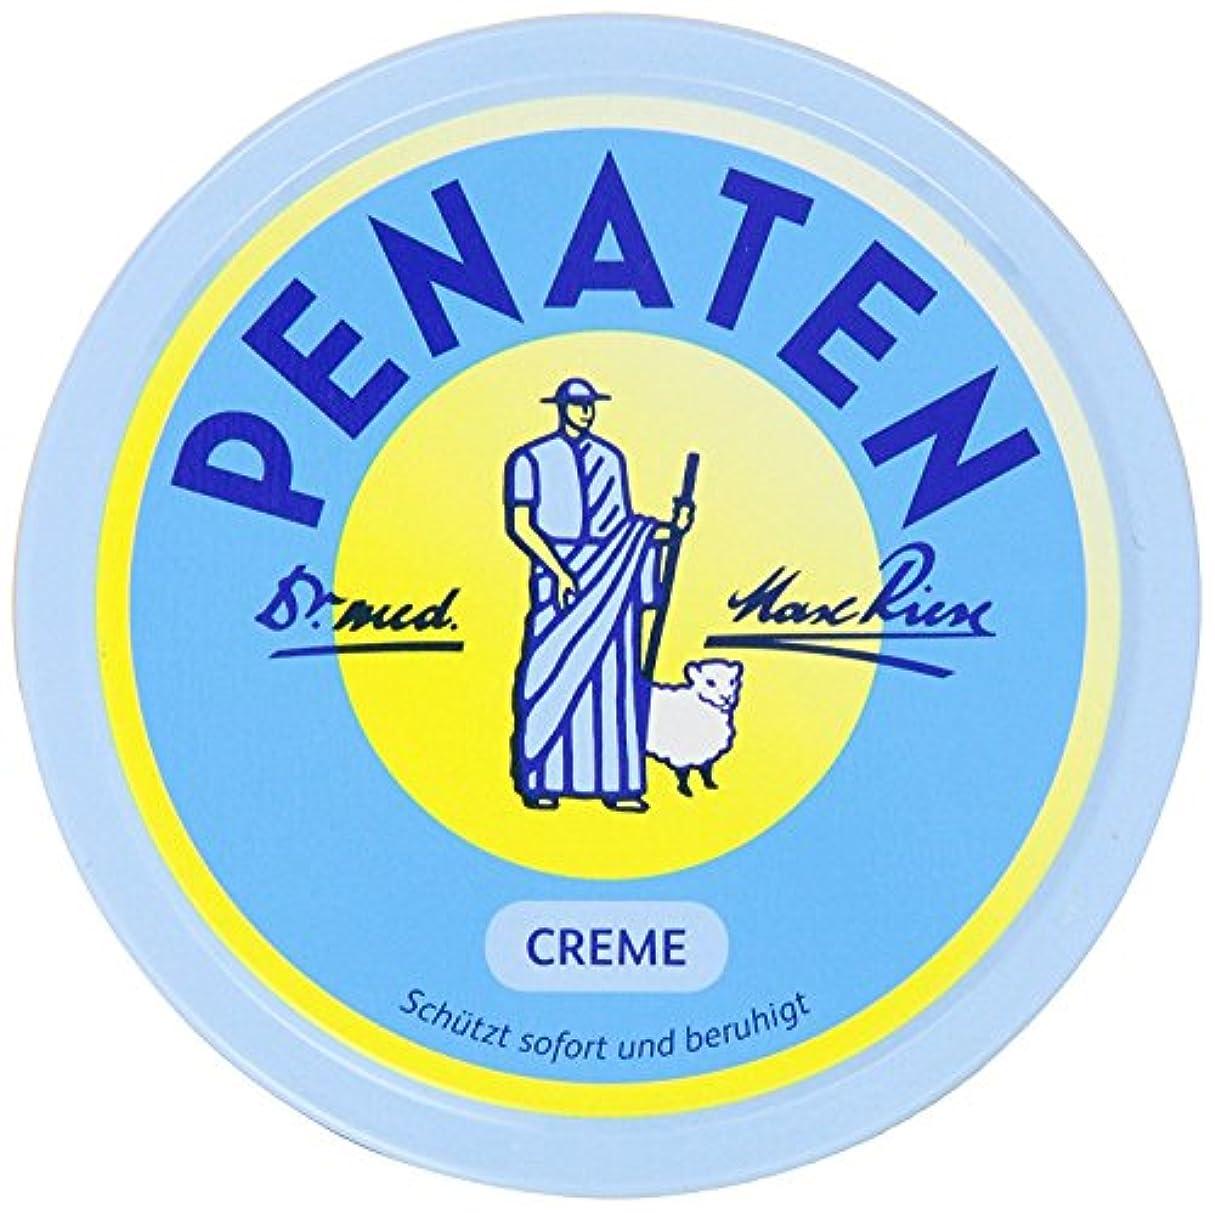 免除する報告書不毛(ペナテン) Penaten Baby Creme 150 ml, 2er Pack (2 x 150 ml) (並行輸入品) shumaman